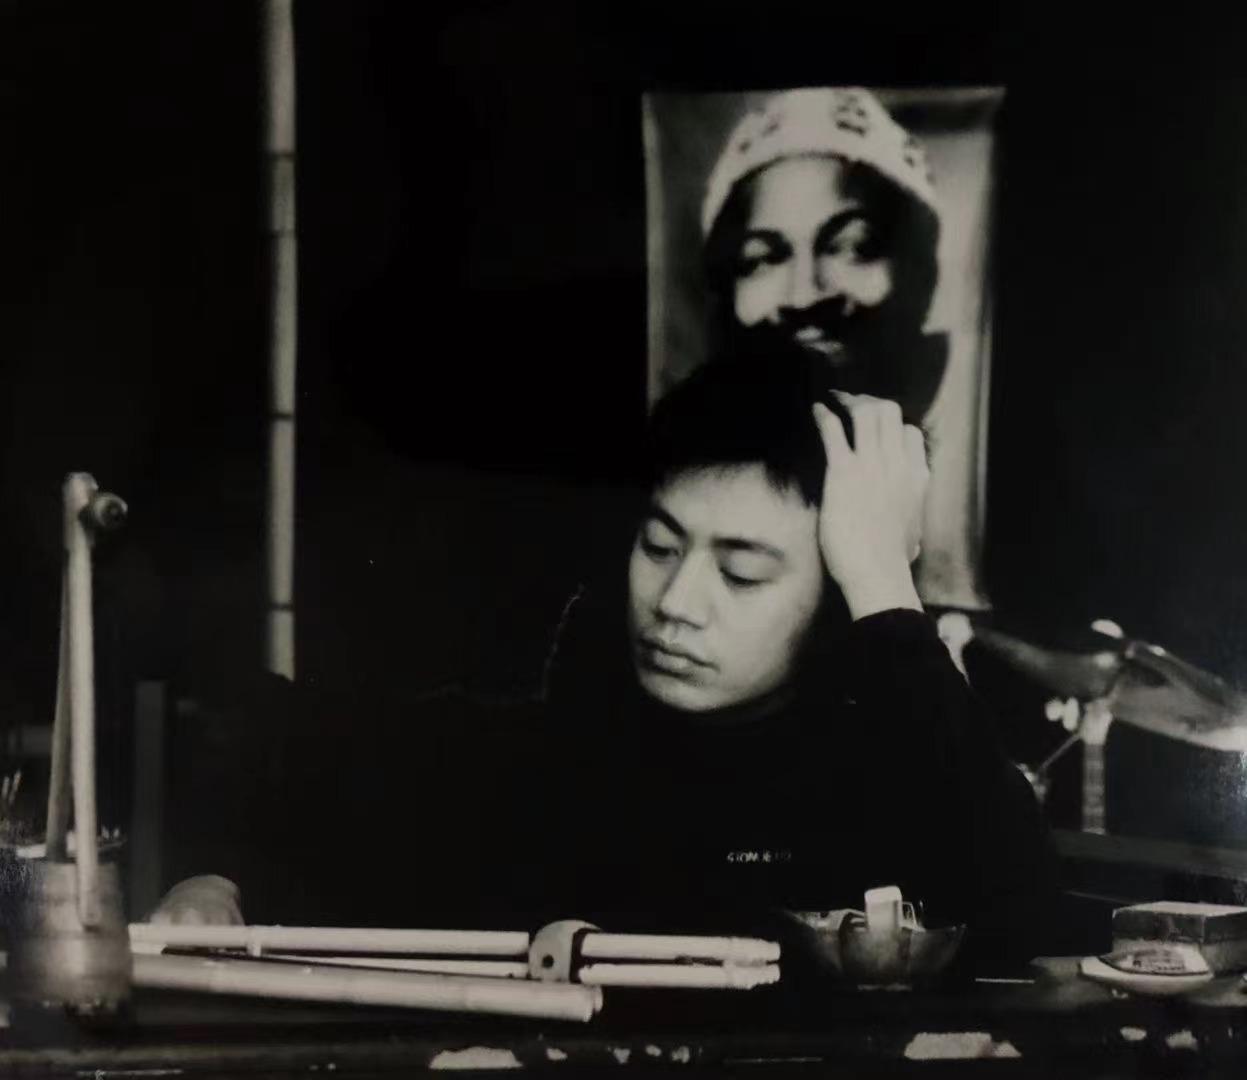 与非门乐队创始人、词曲创作兼资深音乐制作人刘晓宇因病去世(图来自乐队官微)